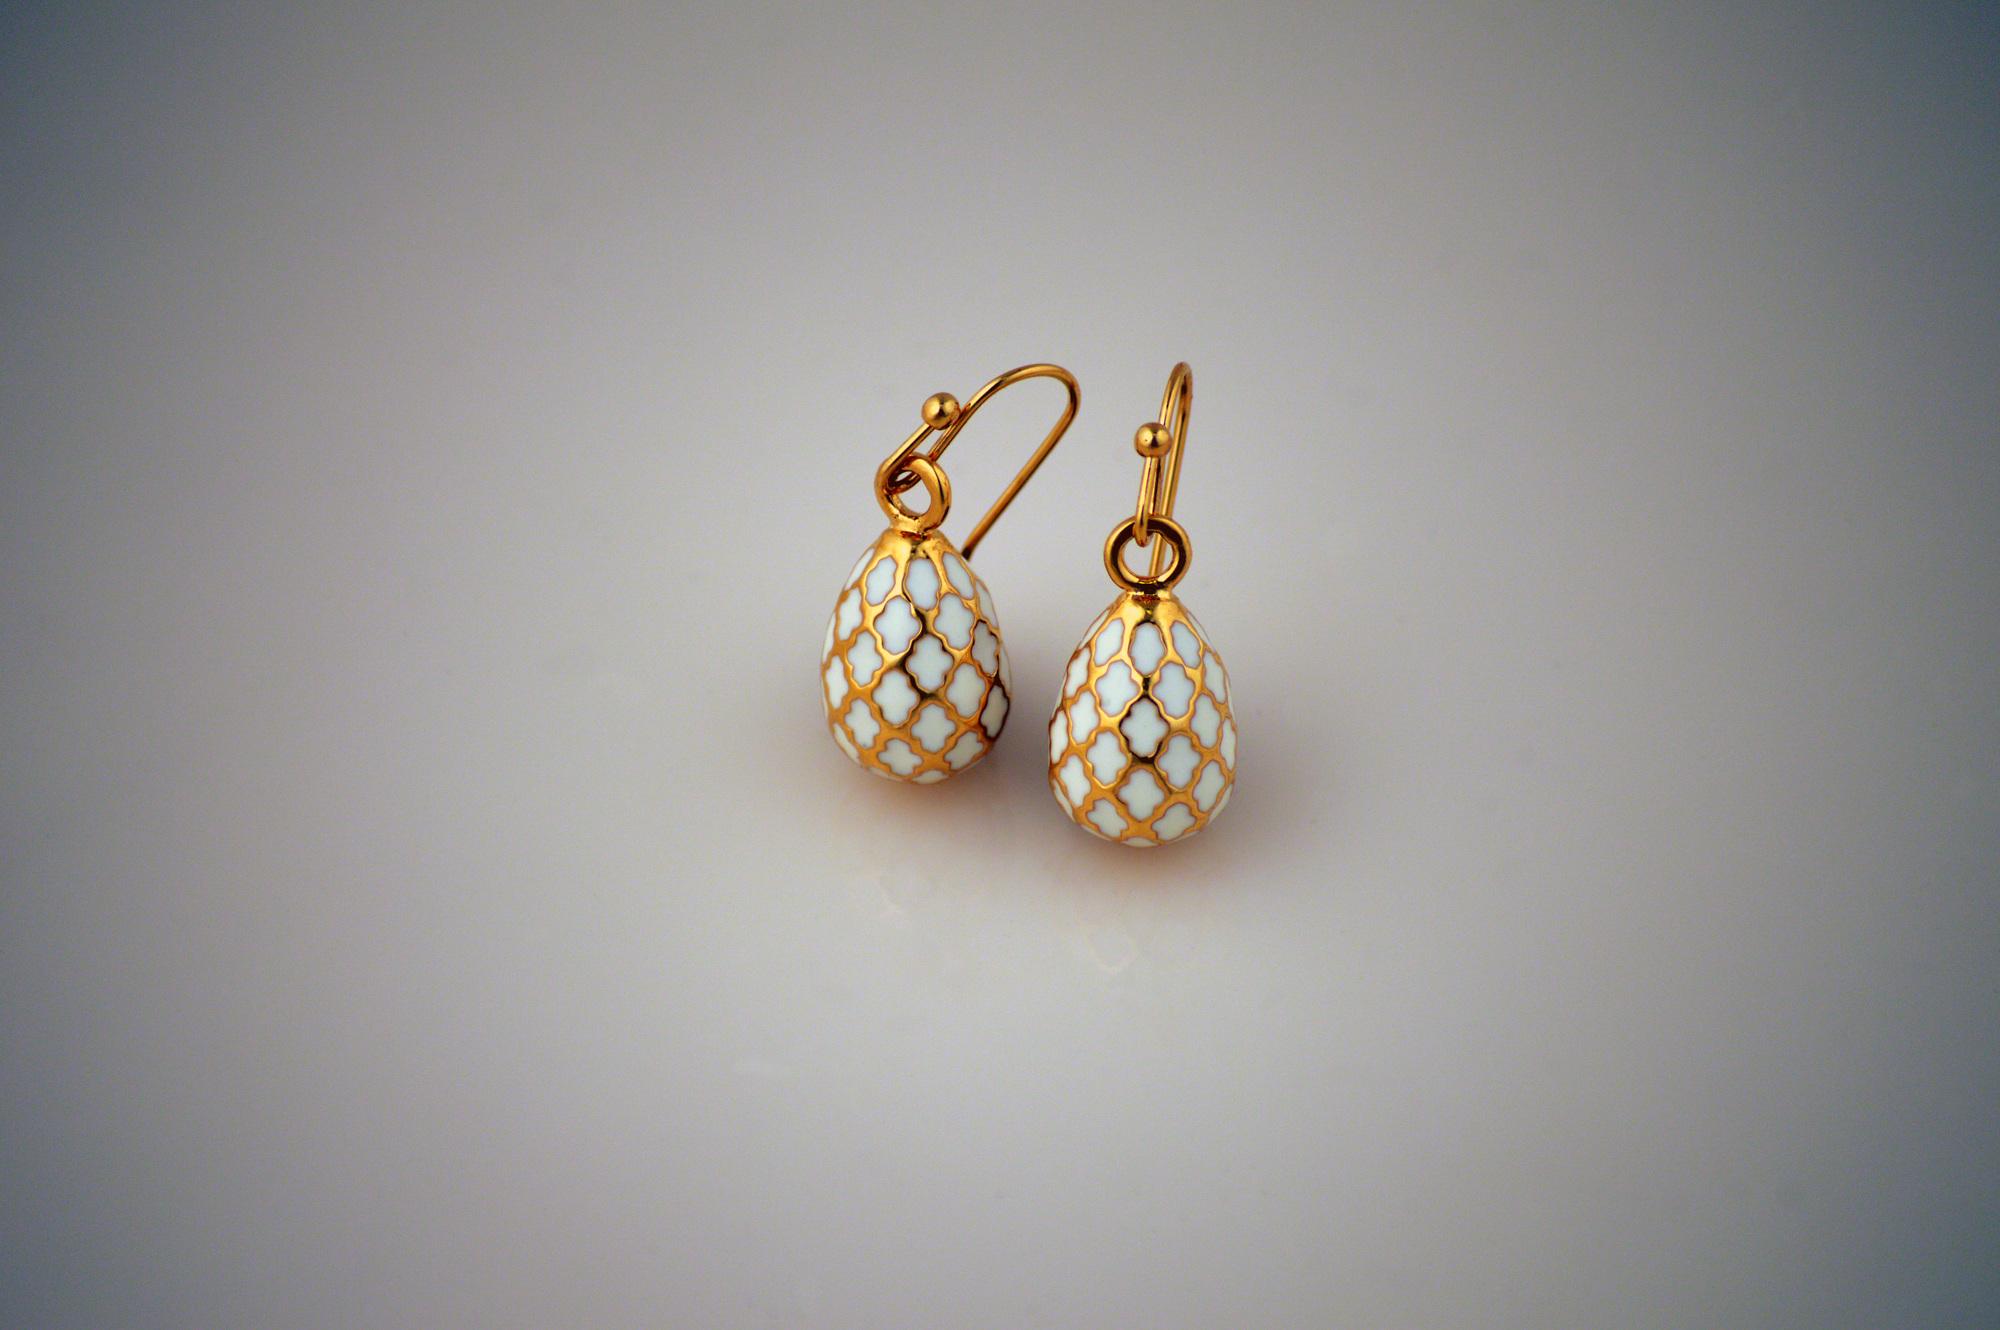 gold egg earrings